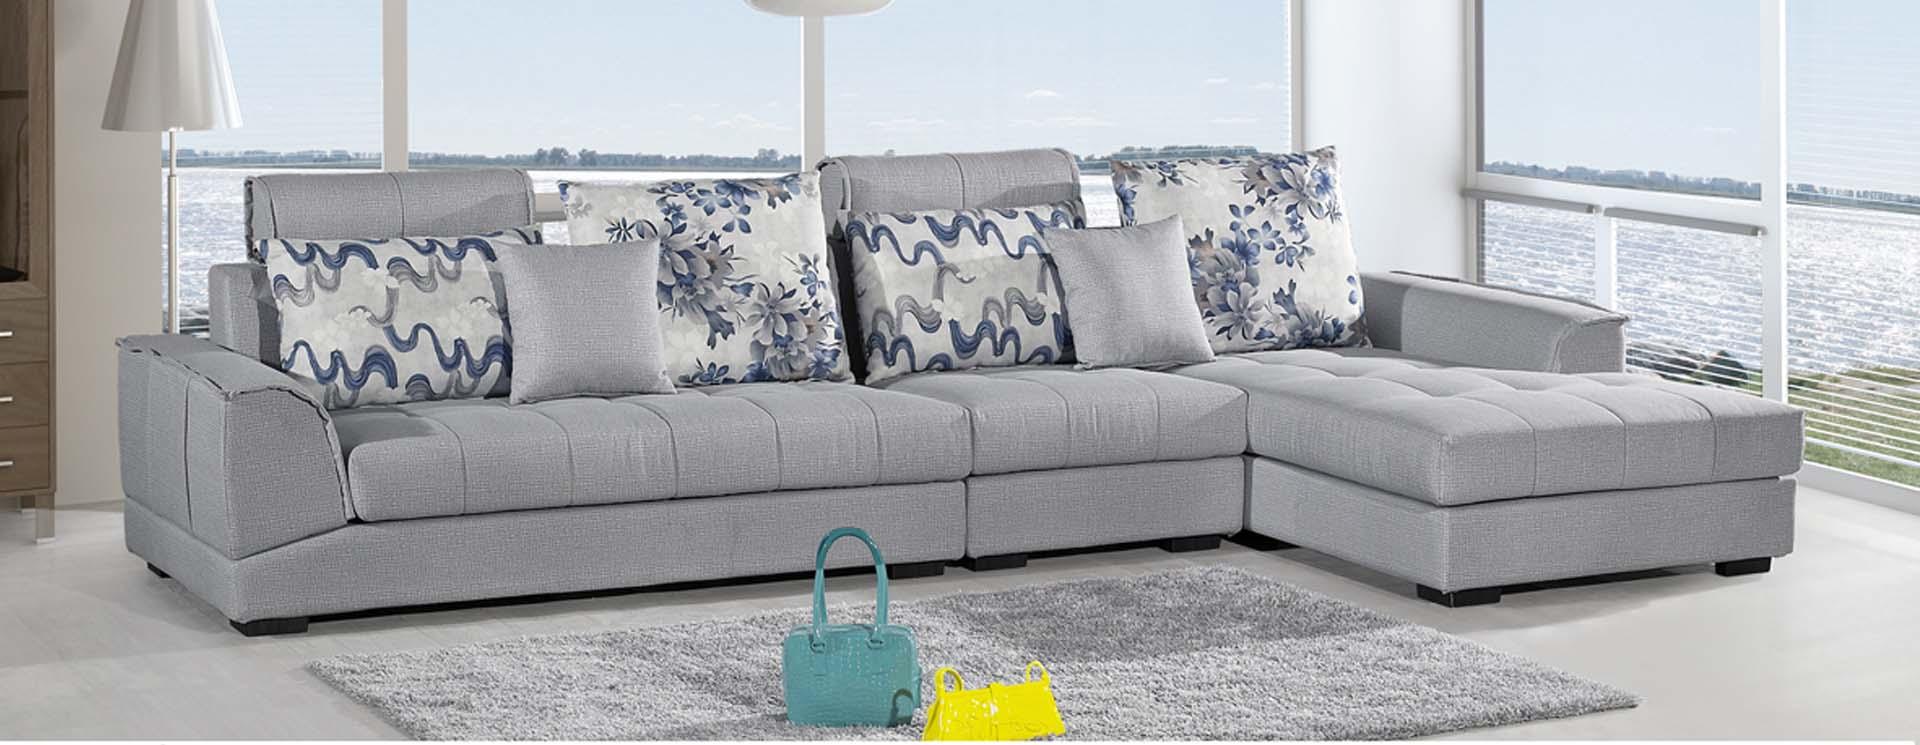 名称:沙发E-659A#<br/> 市场价:<font style='color:#999;text-decoration:line-through;'>¥0</font><br />全国统一零售价:<font color='Red'>¥0.0</font>